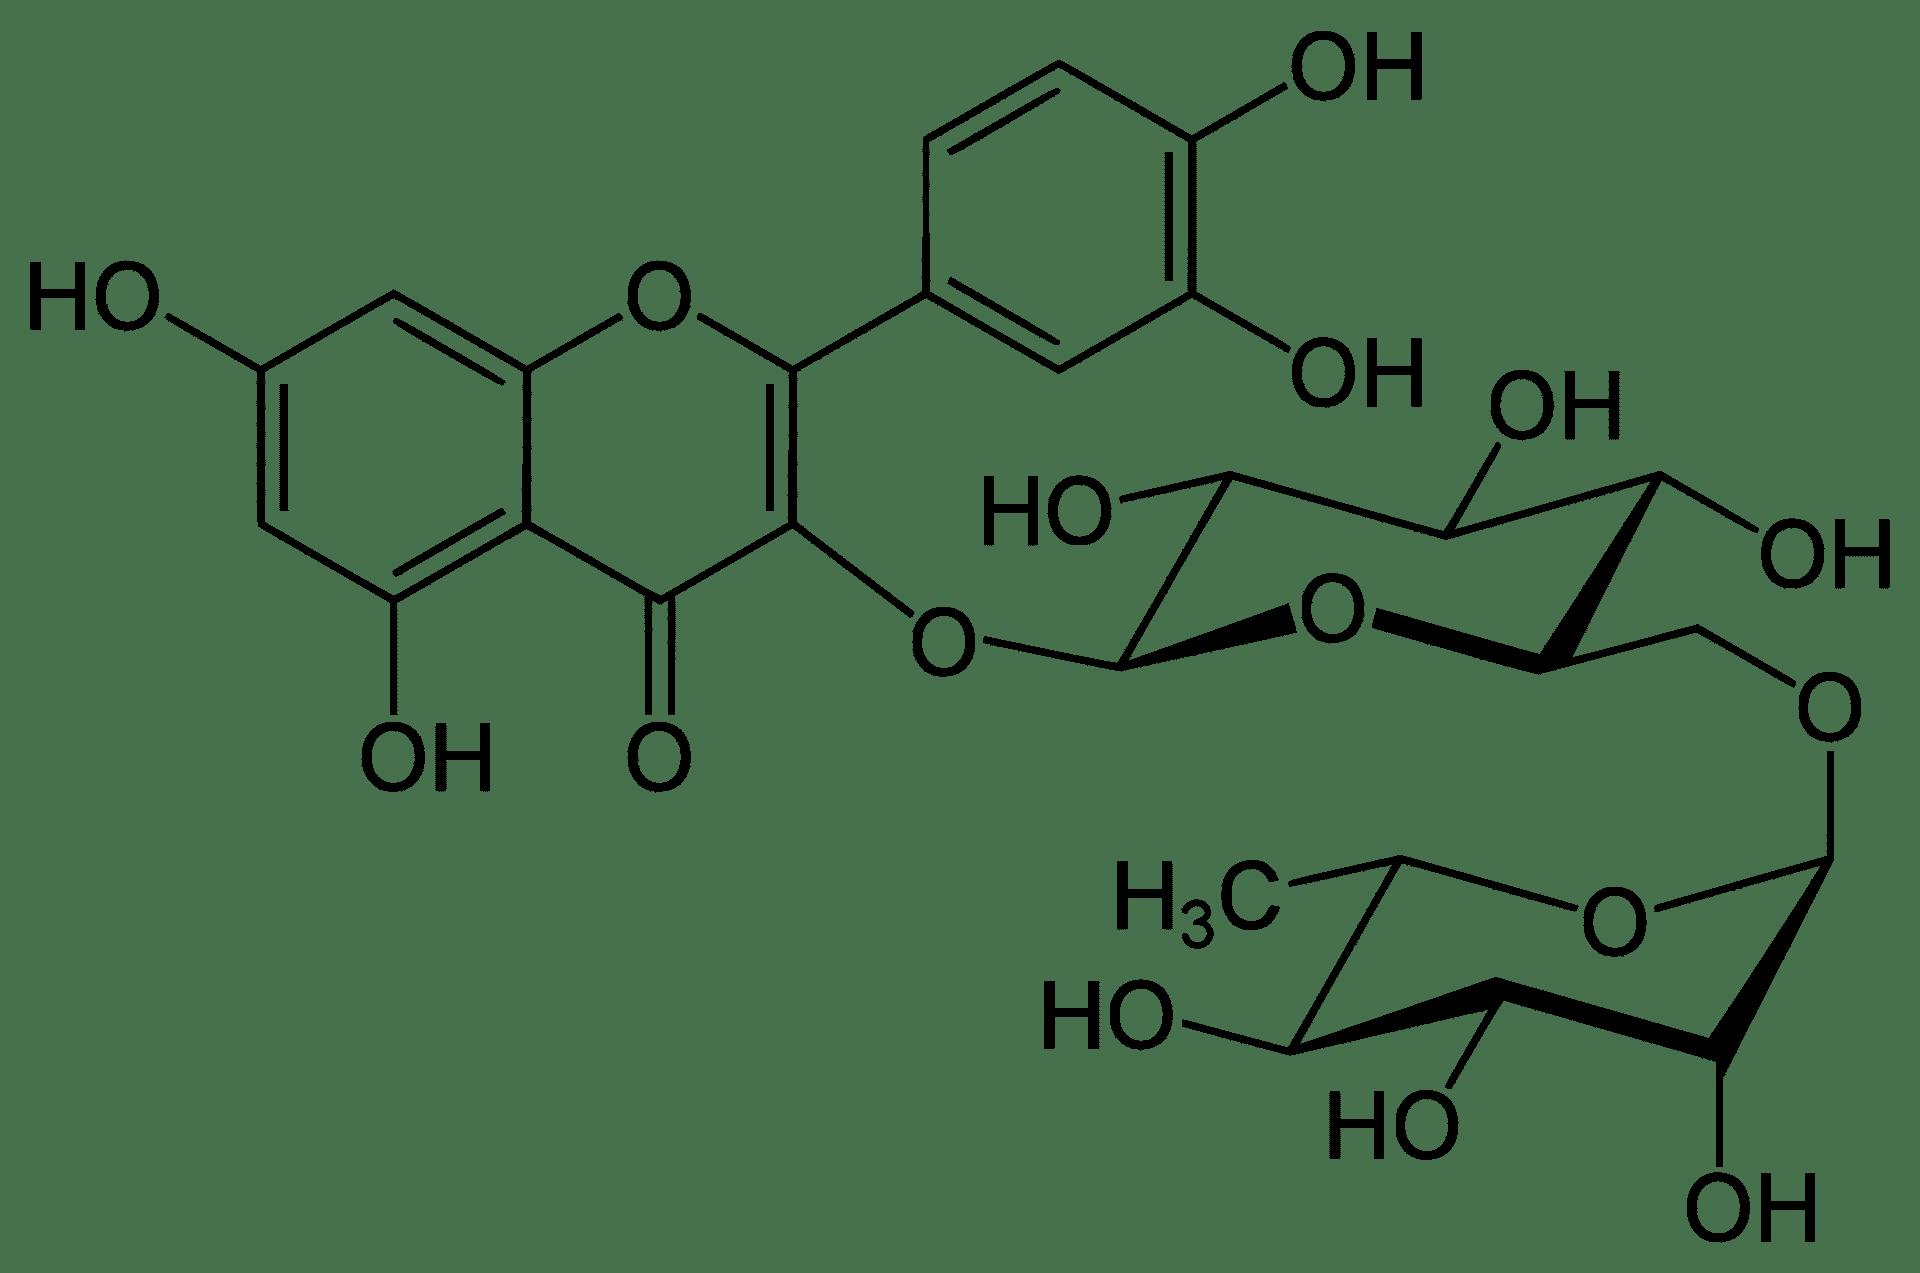 rutine diglycoside de quercetine